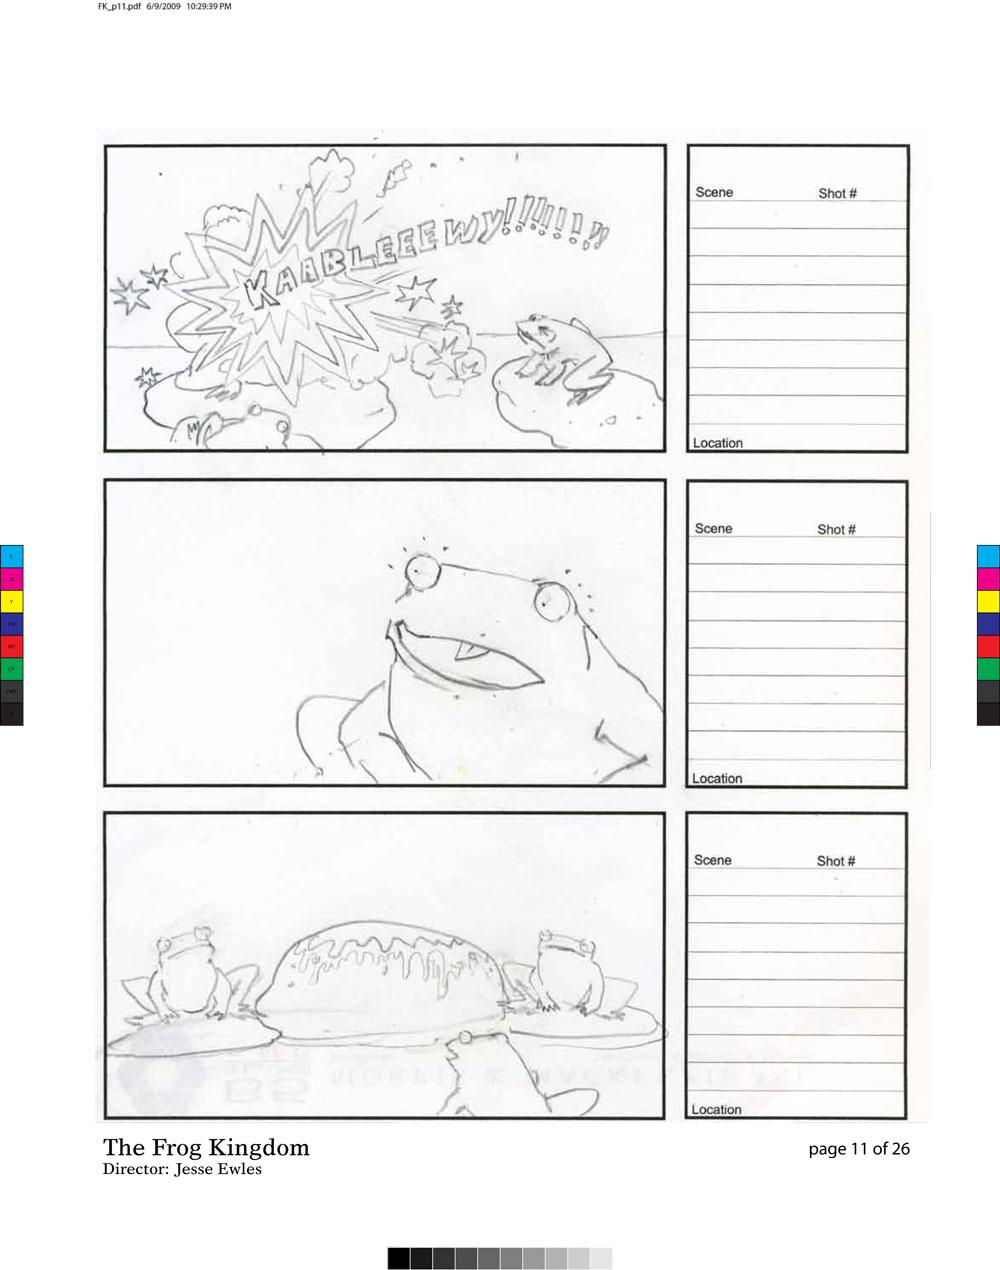 FrogK_boards-11.jpg